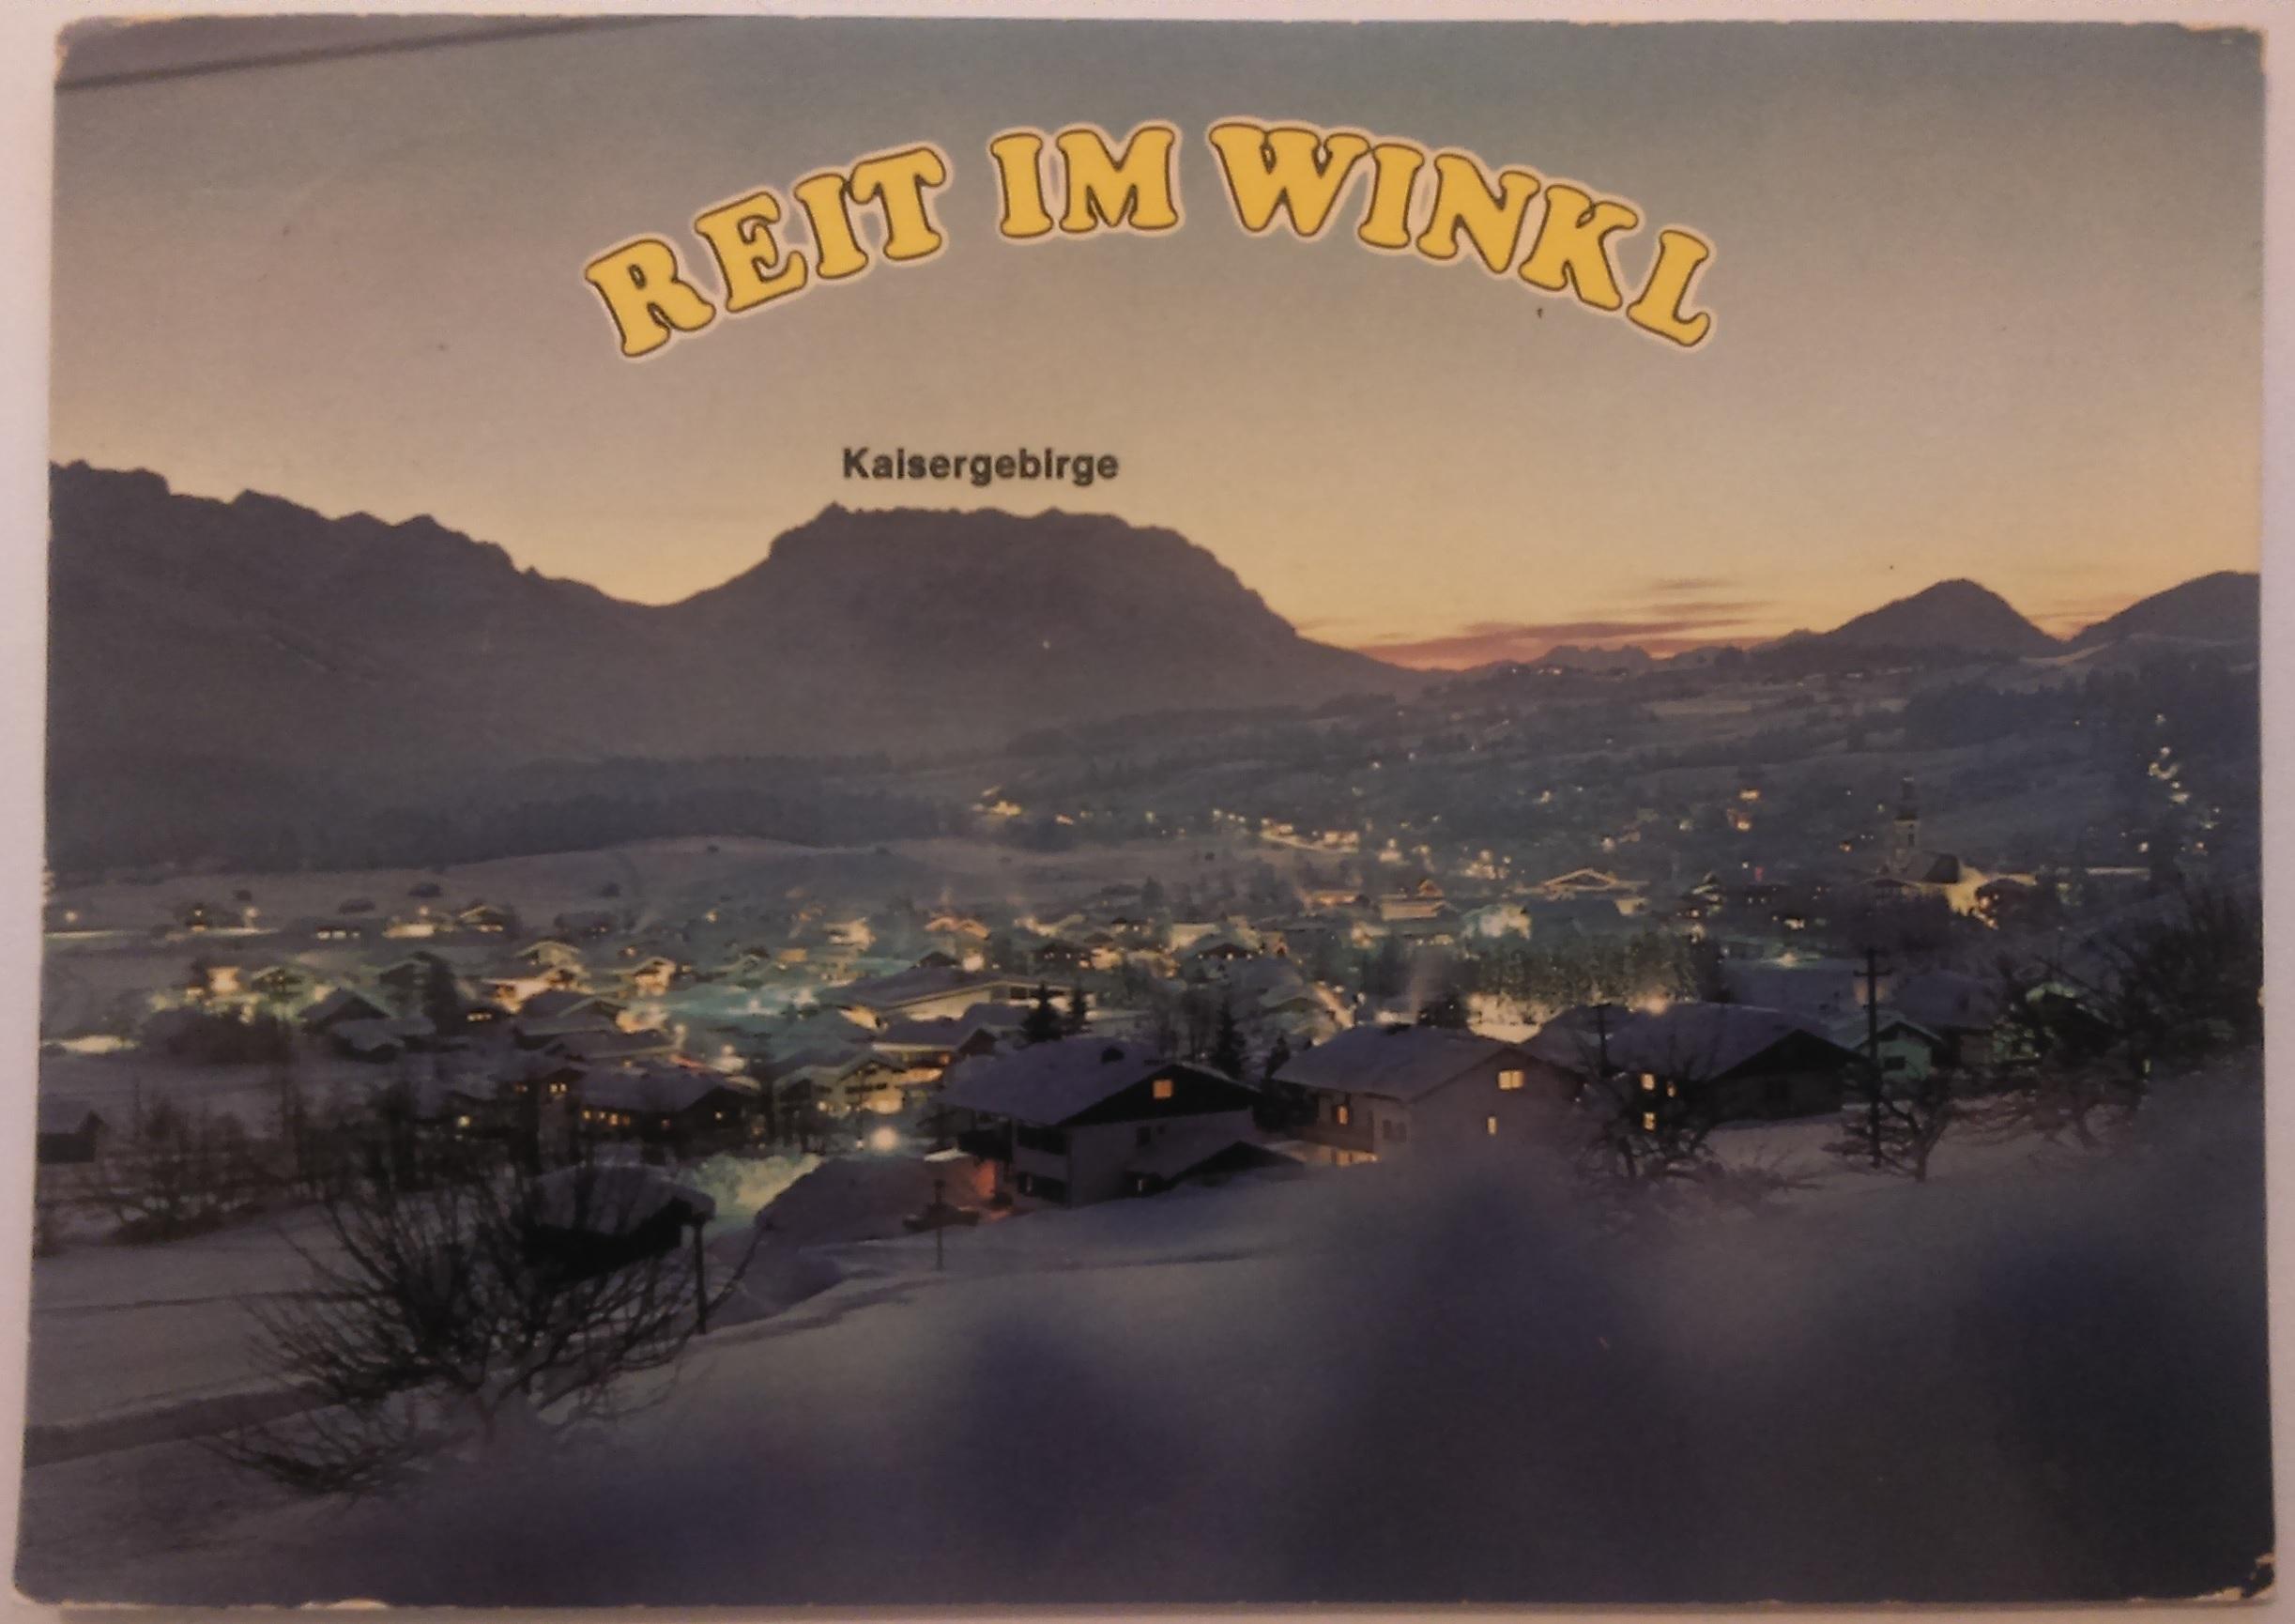 Luftkurort und Wintersportplatz Reit Im Winkl Oberbayern (07.03.1984) front